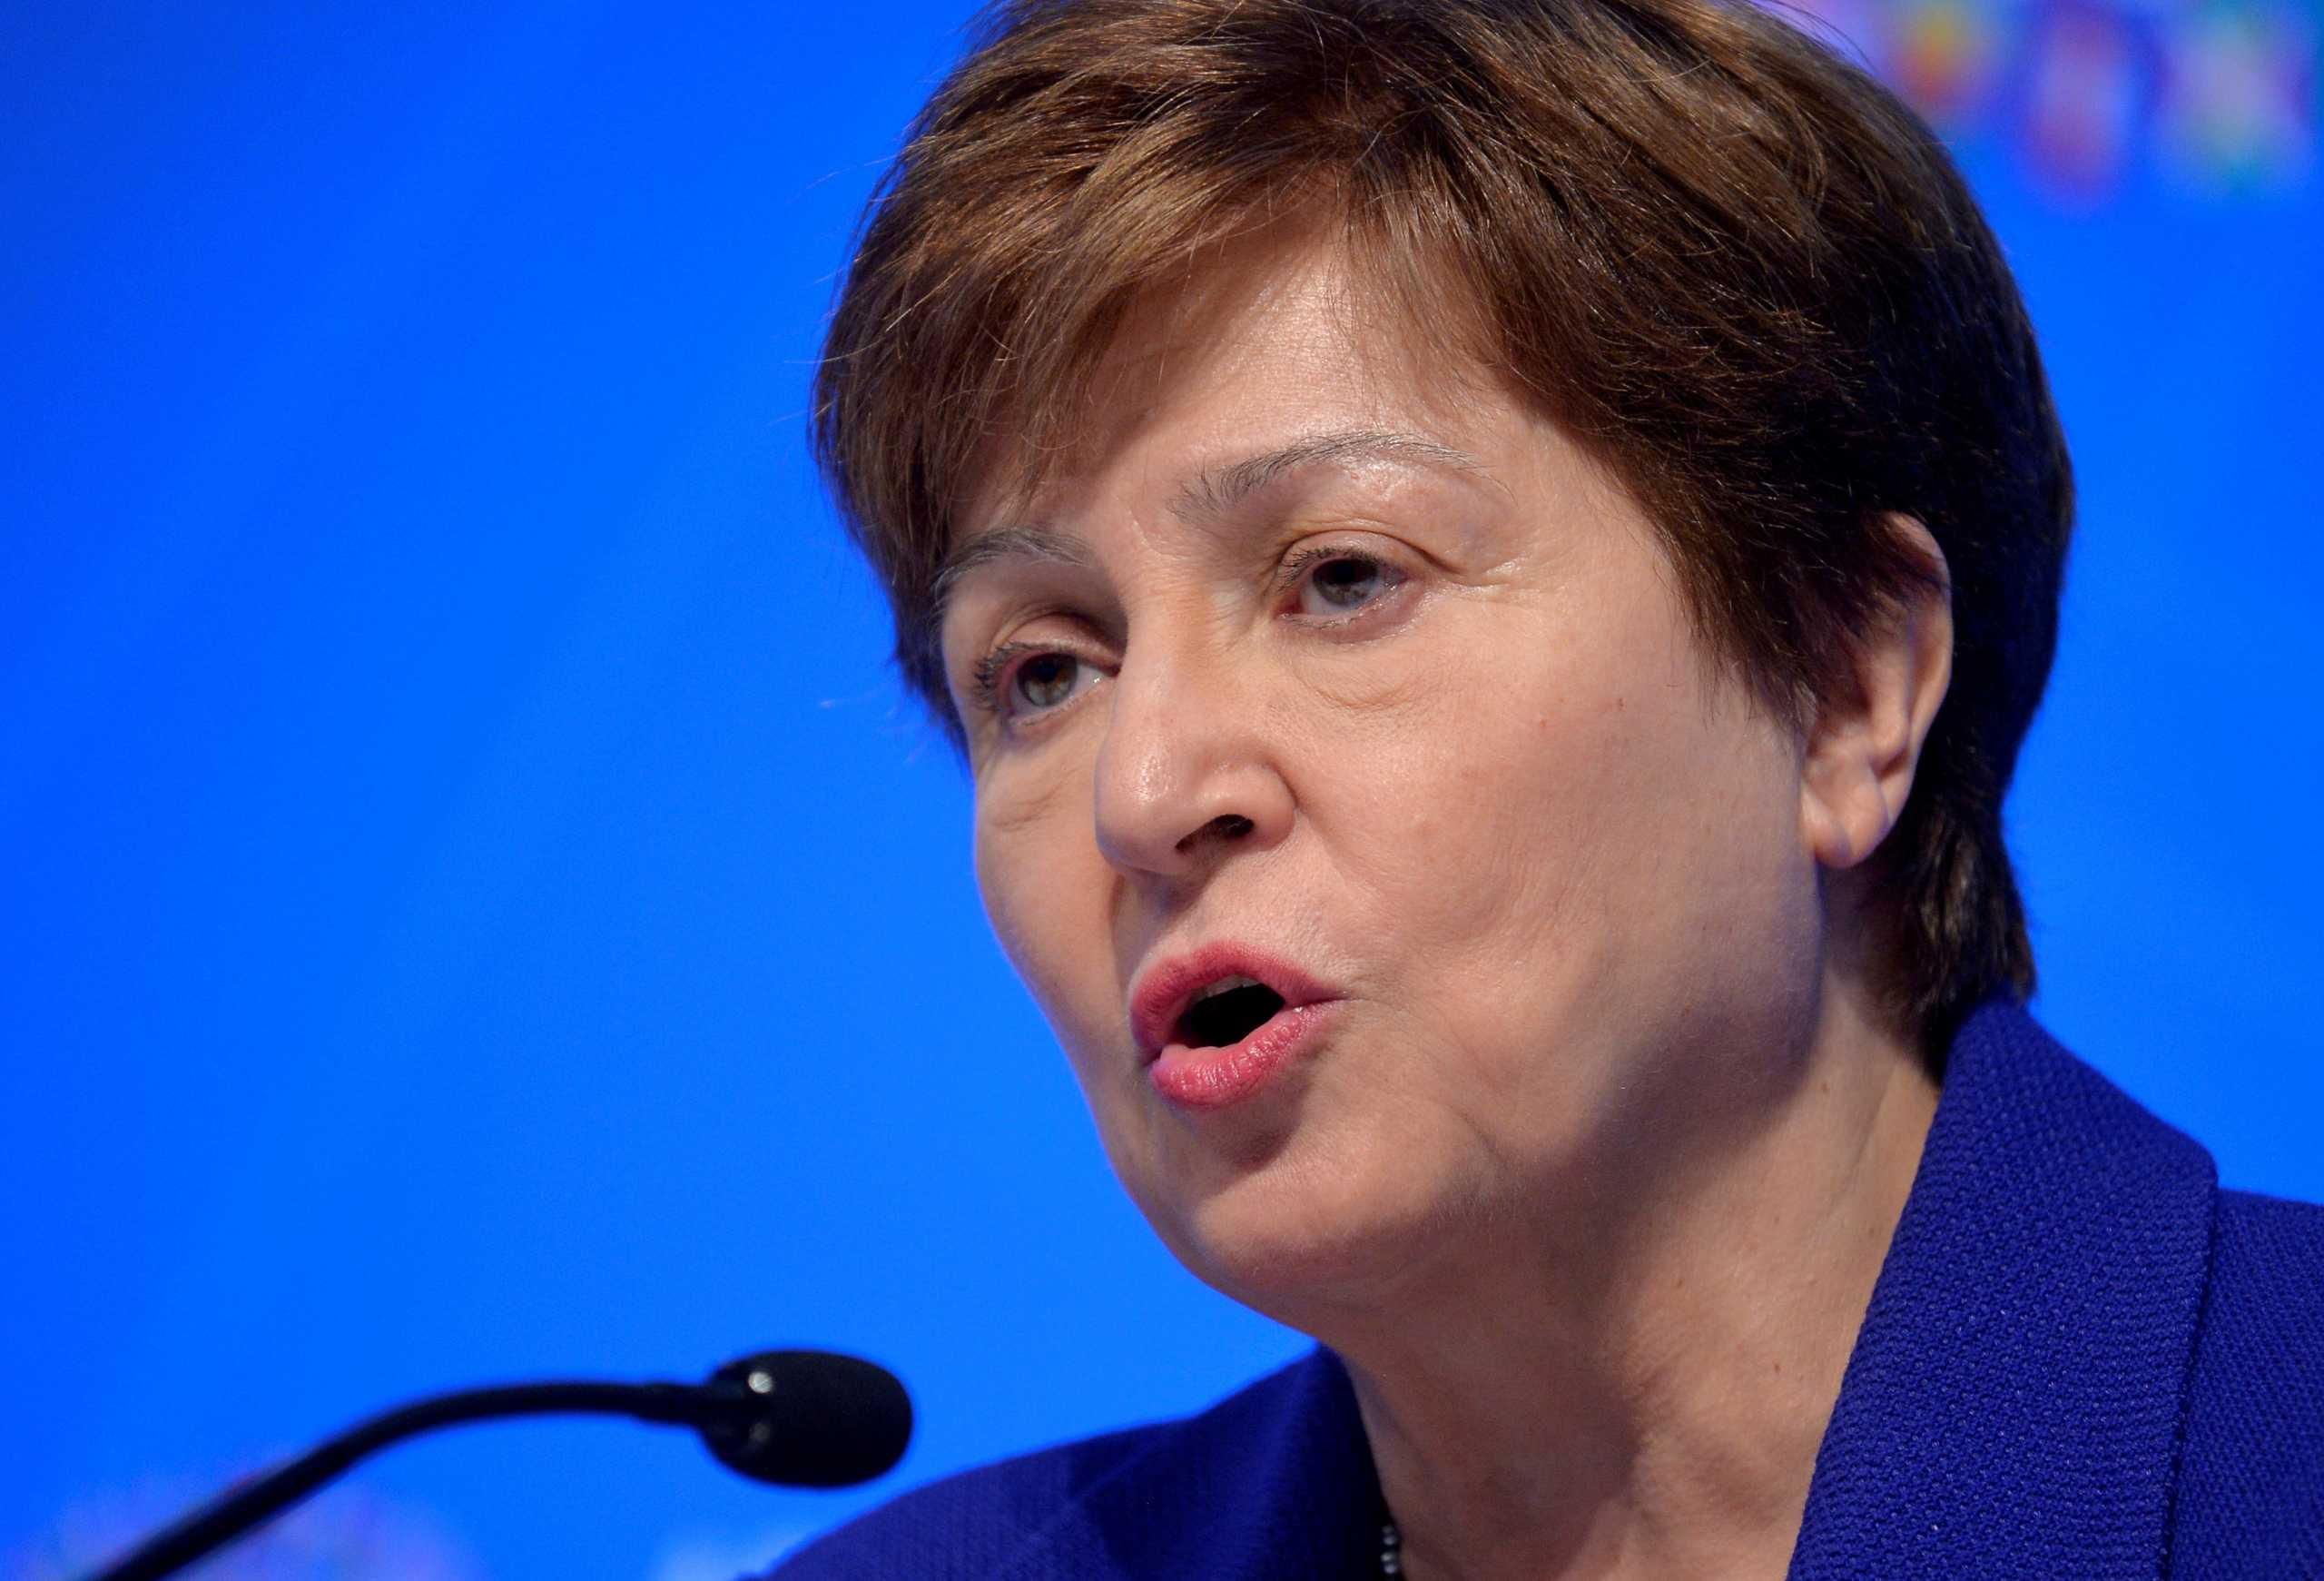 ΔΝΤ: Με την πλάτη στον τοίχο η Γκεοργκίεβα για το «μαγείρεμα» στοιχείων υπέρ της Κίνας